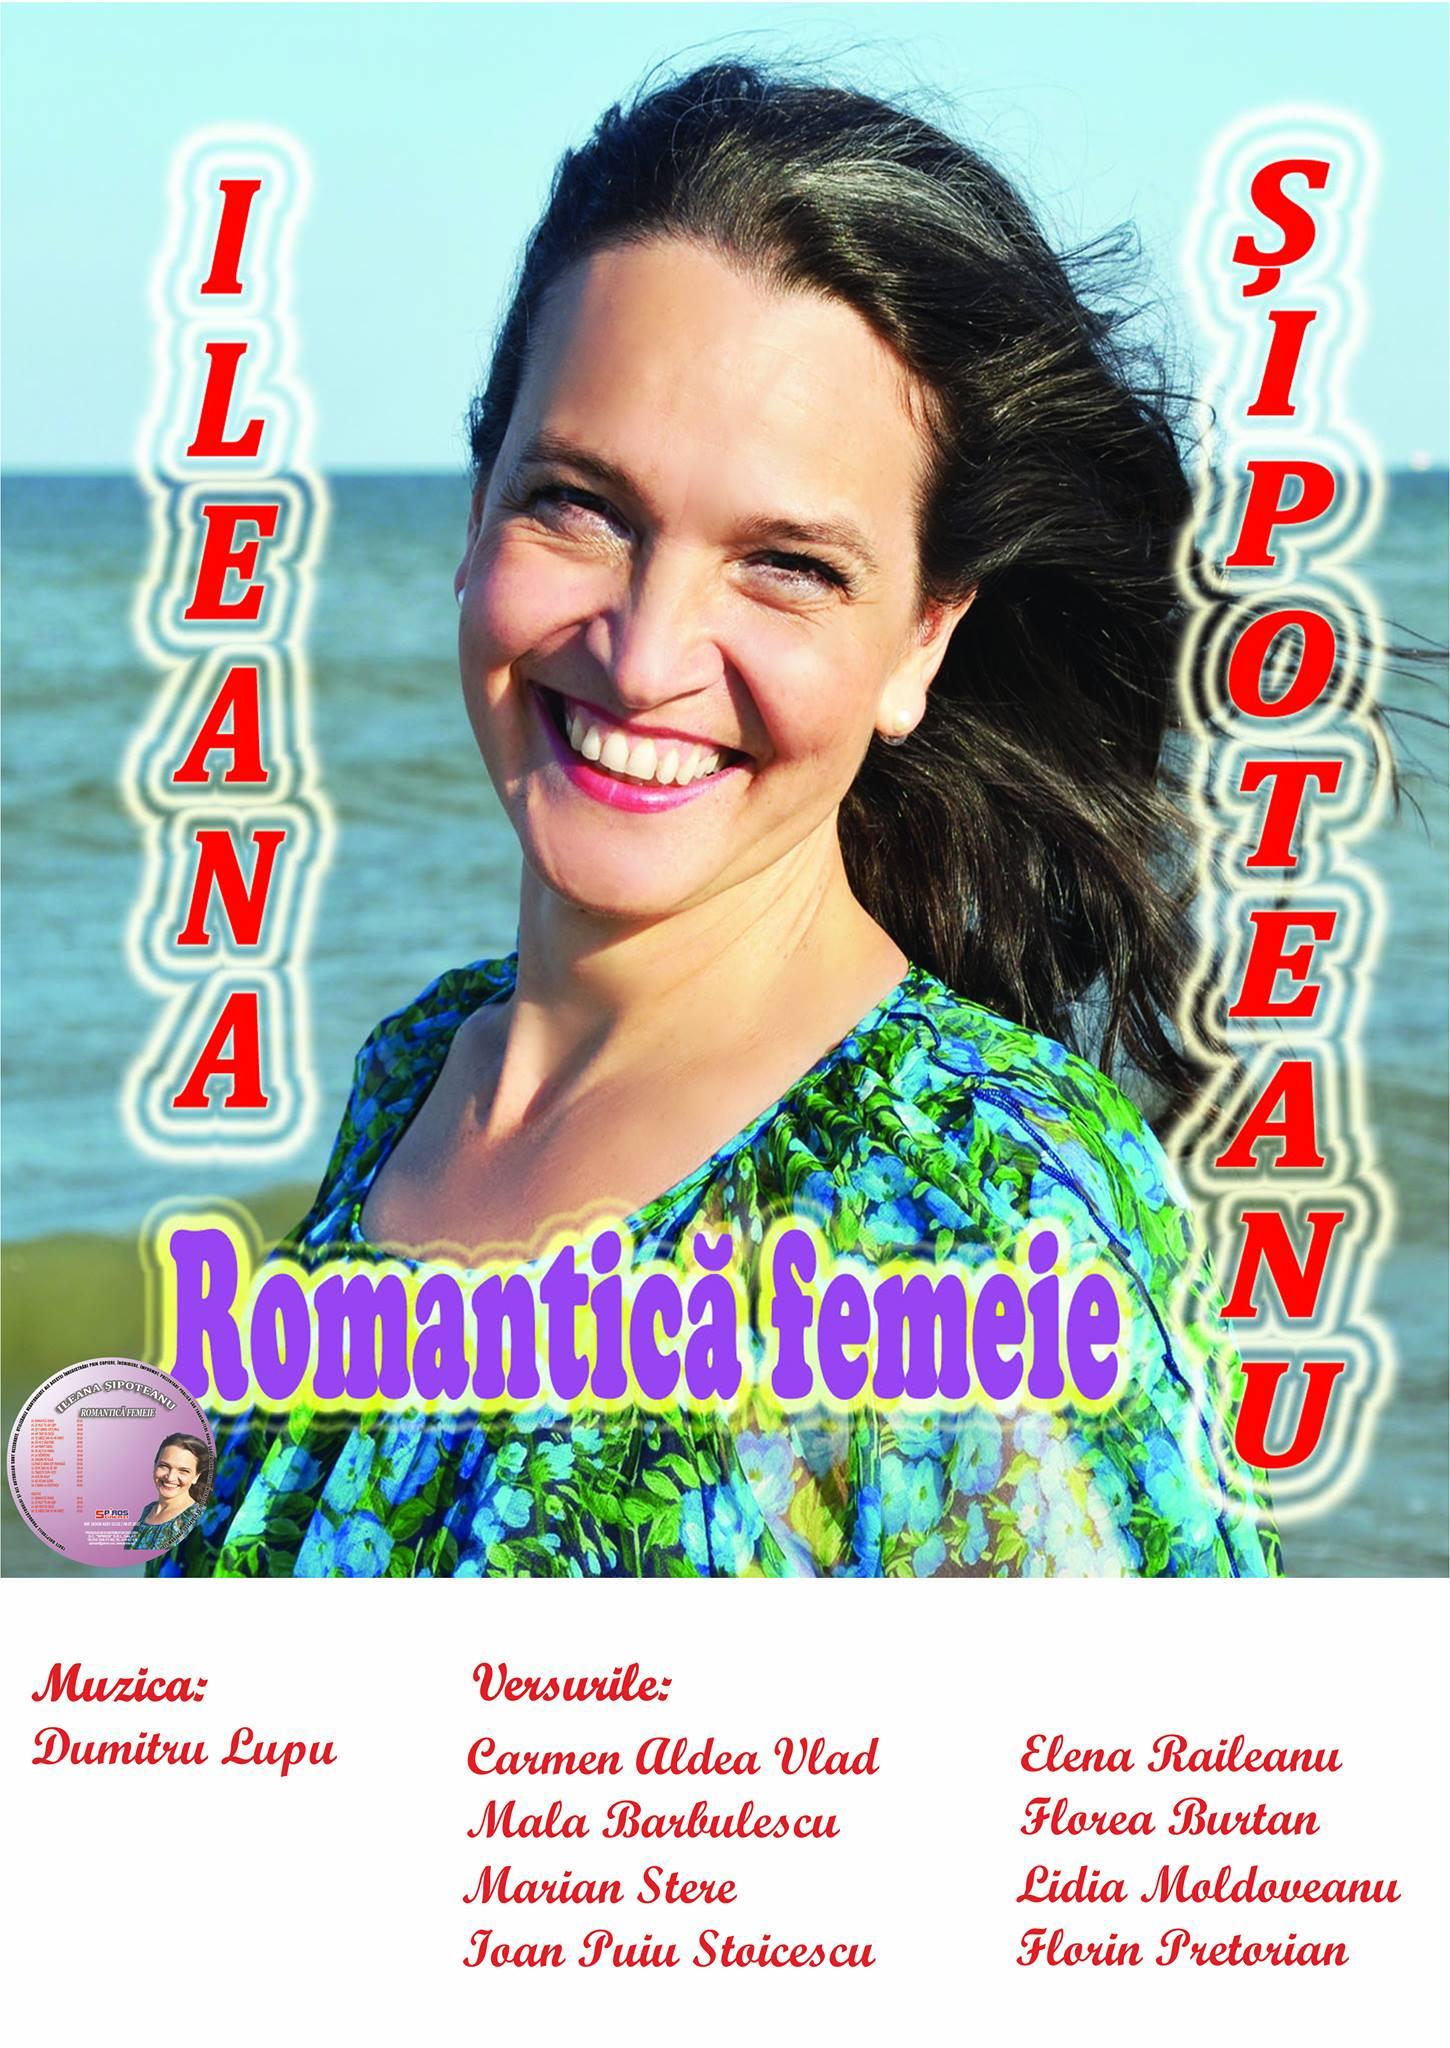 2015-afis-romantica-femeie